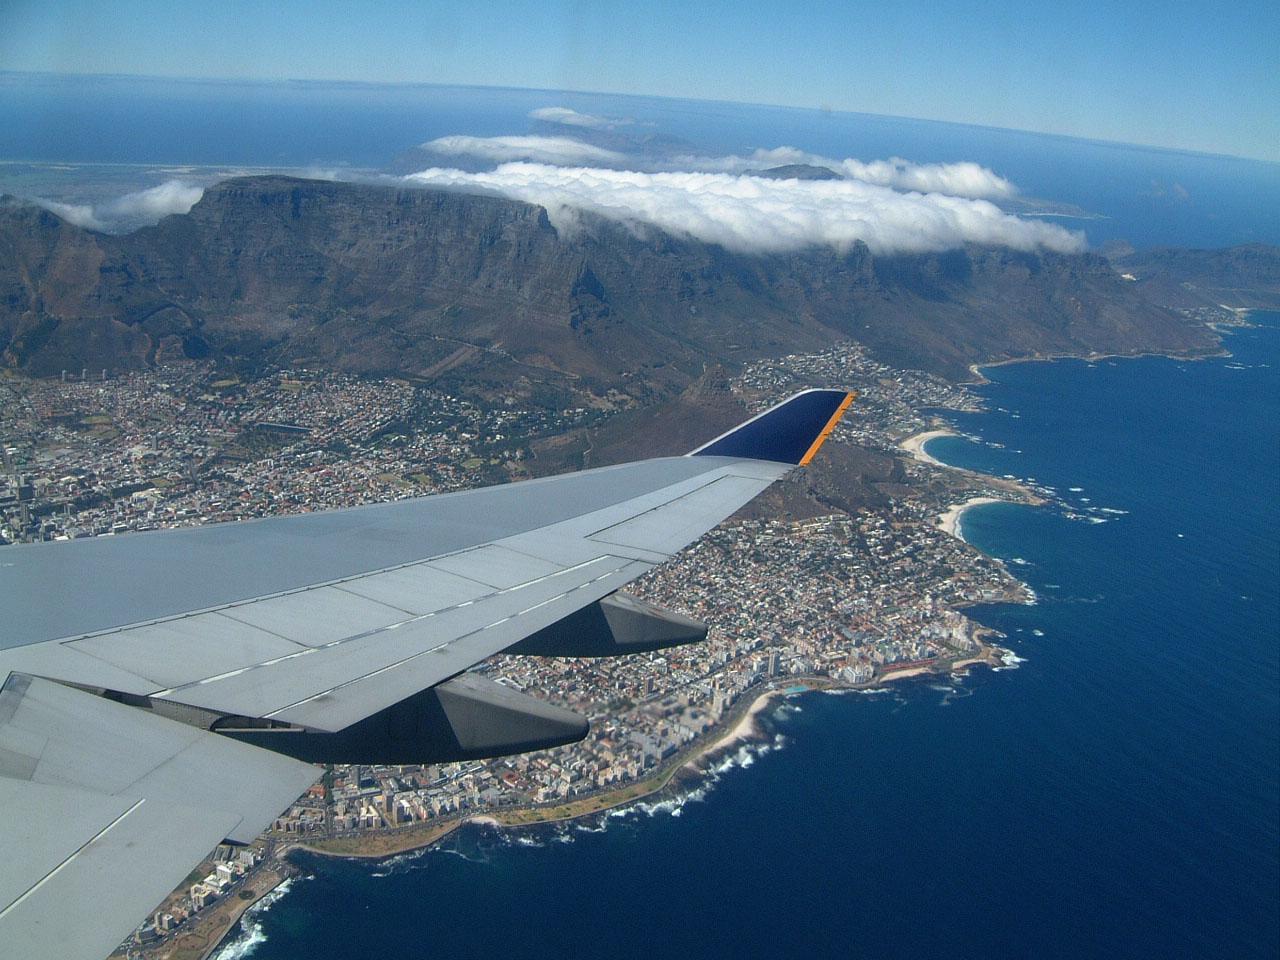 Aerial photos of Cape Town Feb 2001 10